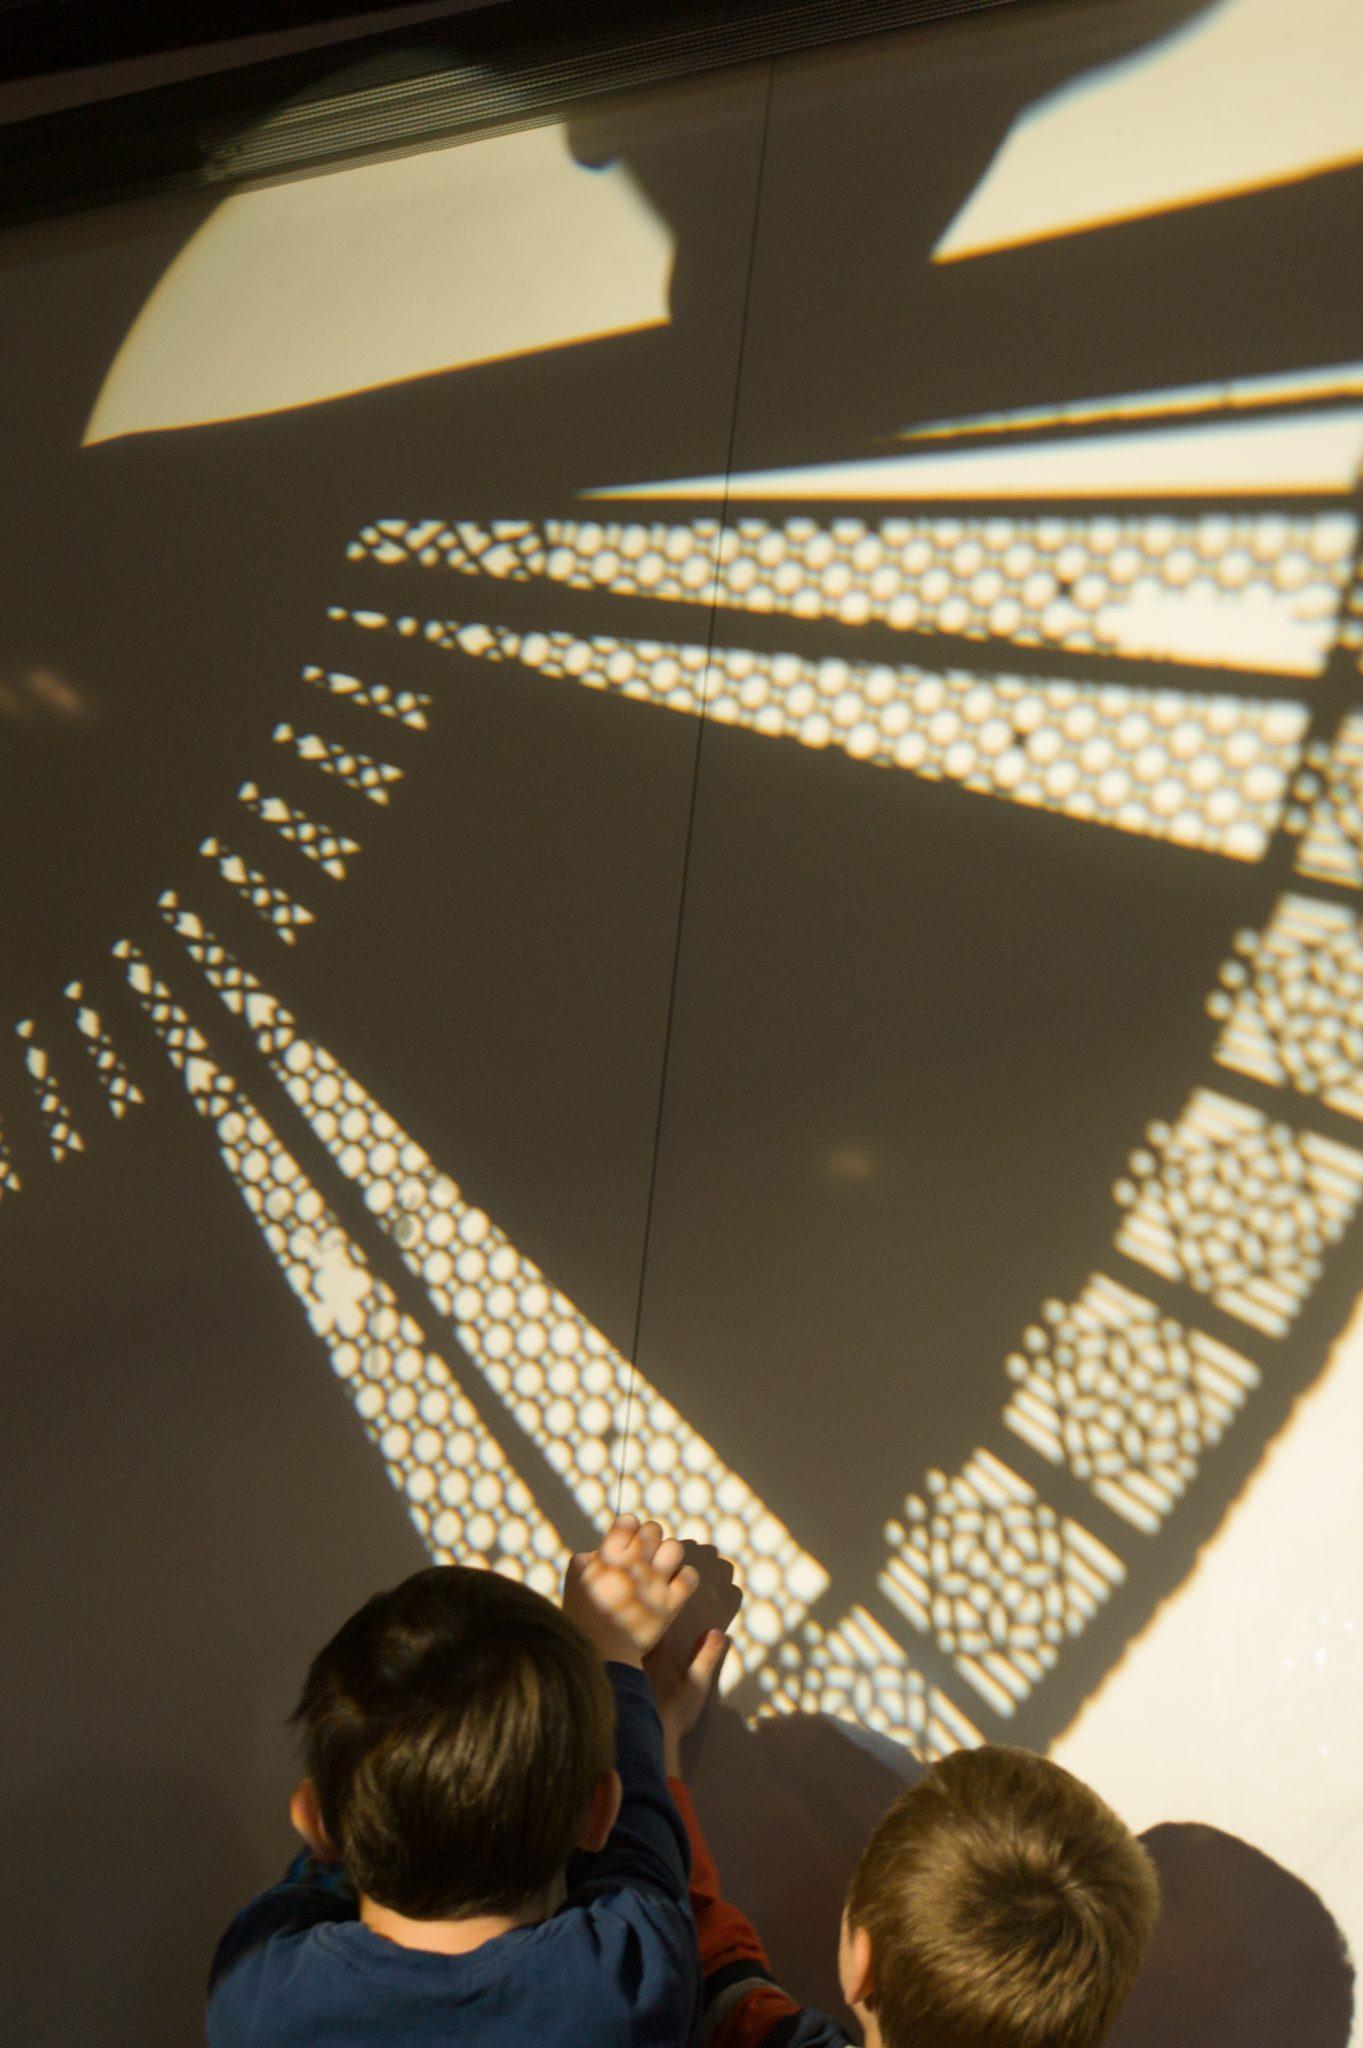 Čarobne sence, Foto: Boštjan Lah